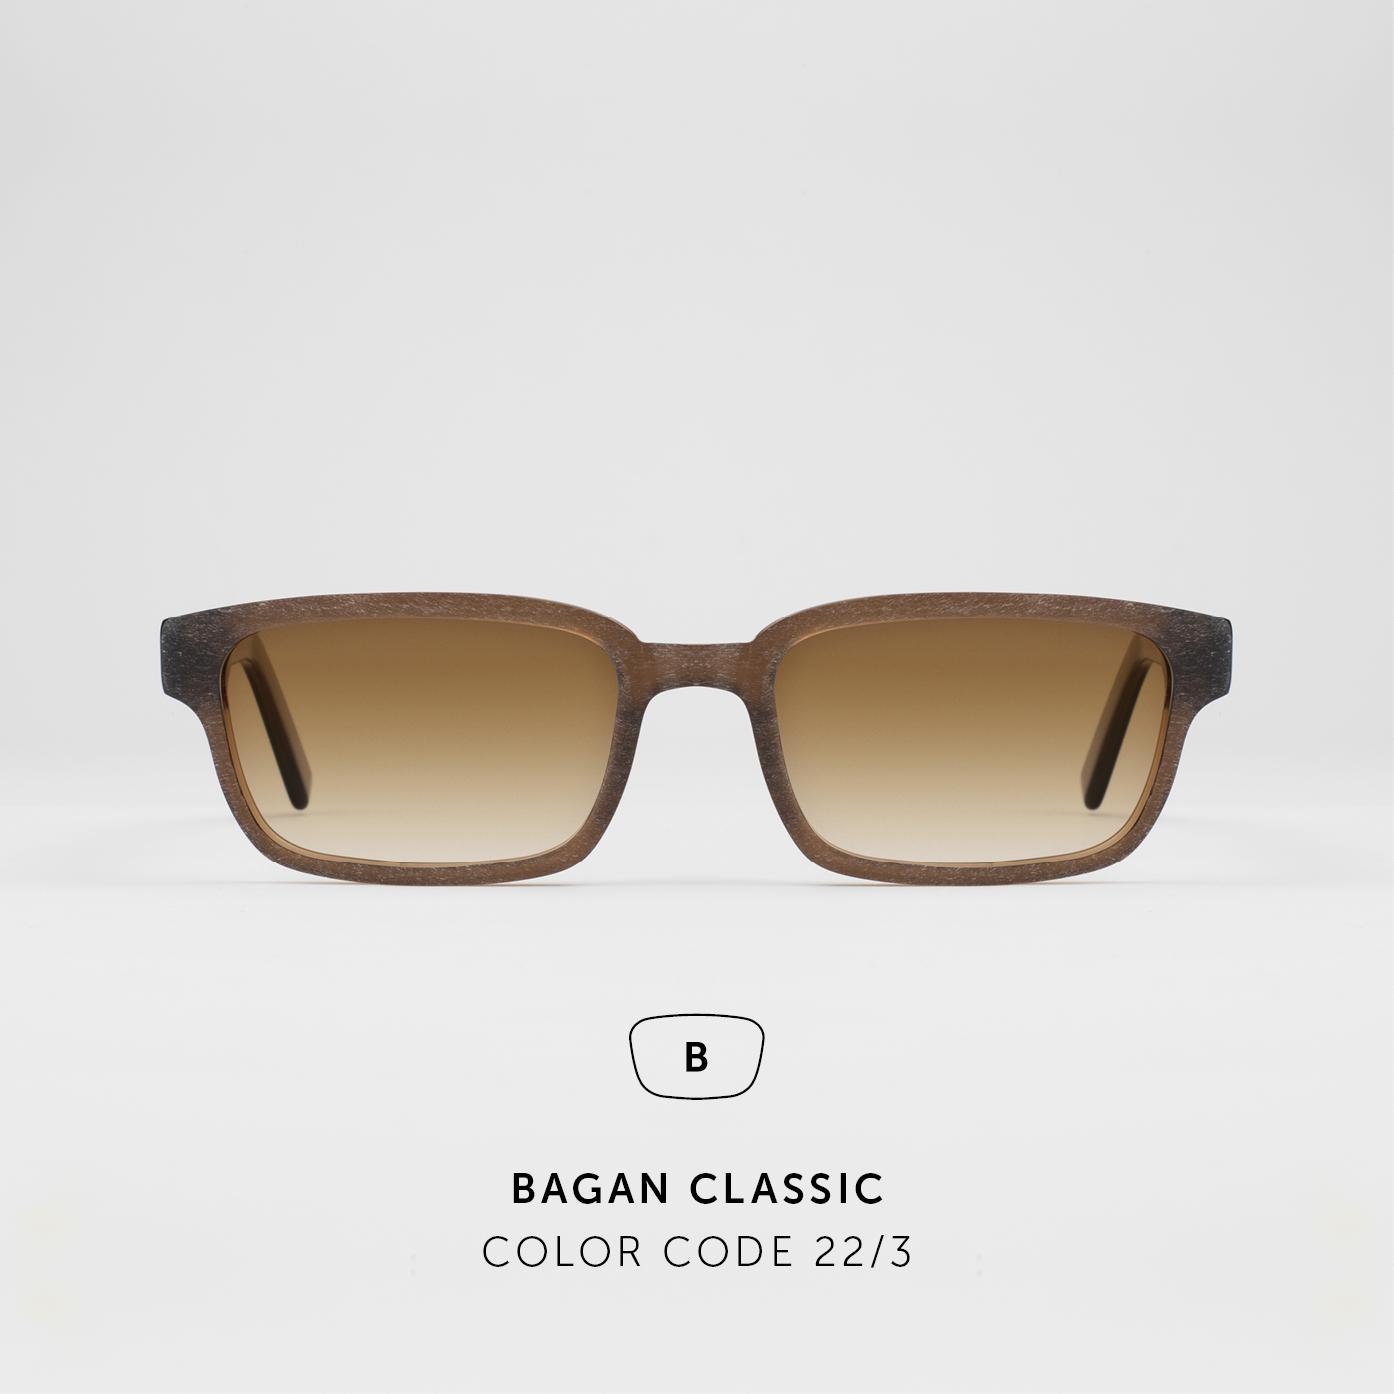 BaganClassic51.jpg